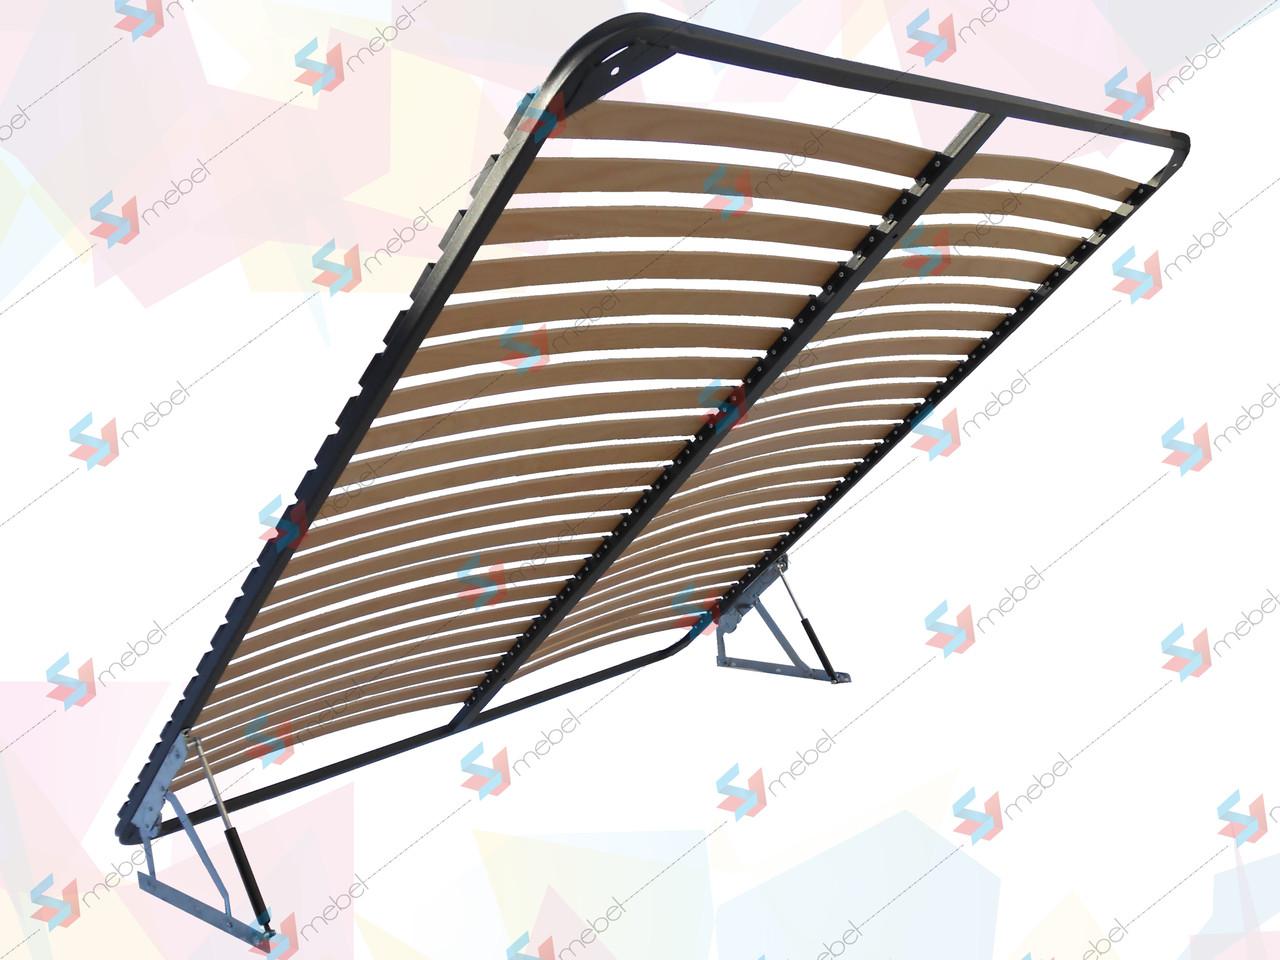 Каркас кровати ортопедический двухспальный с подъемным механизмом(с фиксатором) 1900х1200 мм - SVmebel в Мелитополе